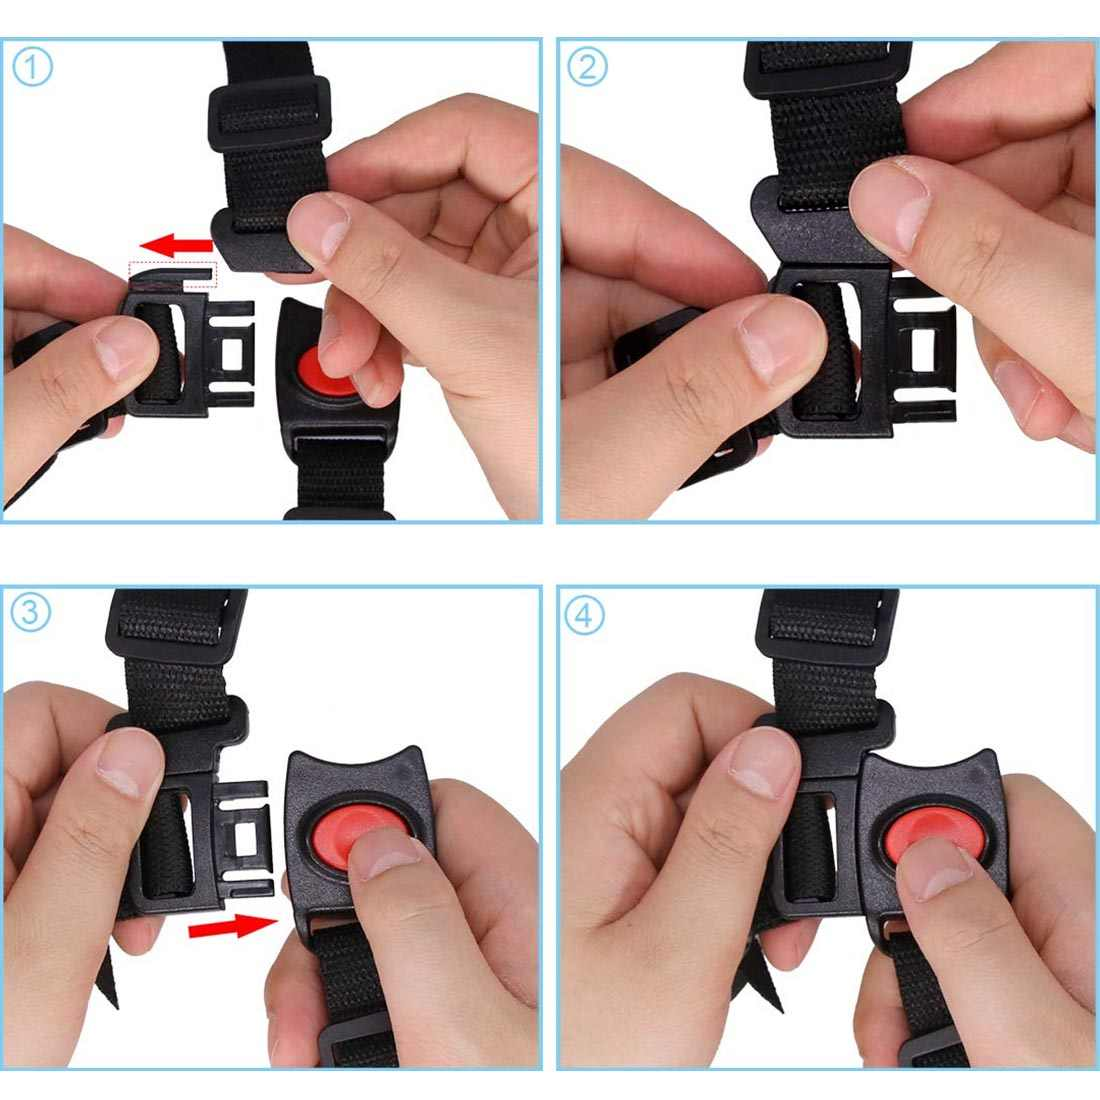 เด็ก Universal 5 จุดเข็มขัดนิรภัยเข็มขัดนิรภัยสำหรับรถเข็นเด็กเก้าอี้สูงรถเข็นเด็ก Buggy เด็กรถเข็นเด็กเหมาะสำหรับได้ง่ายใช้